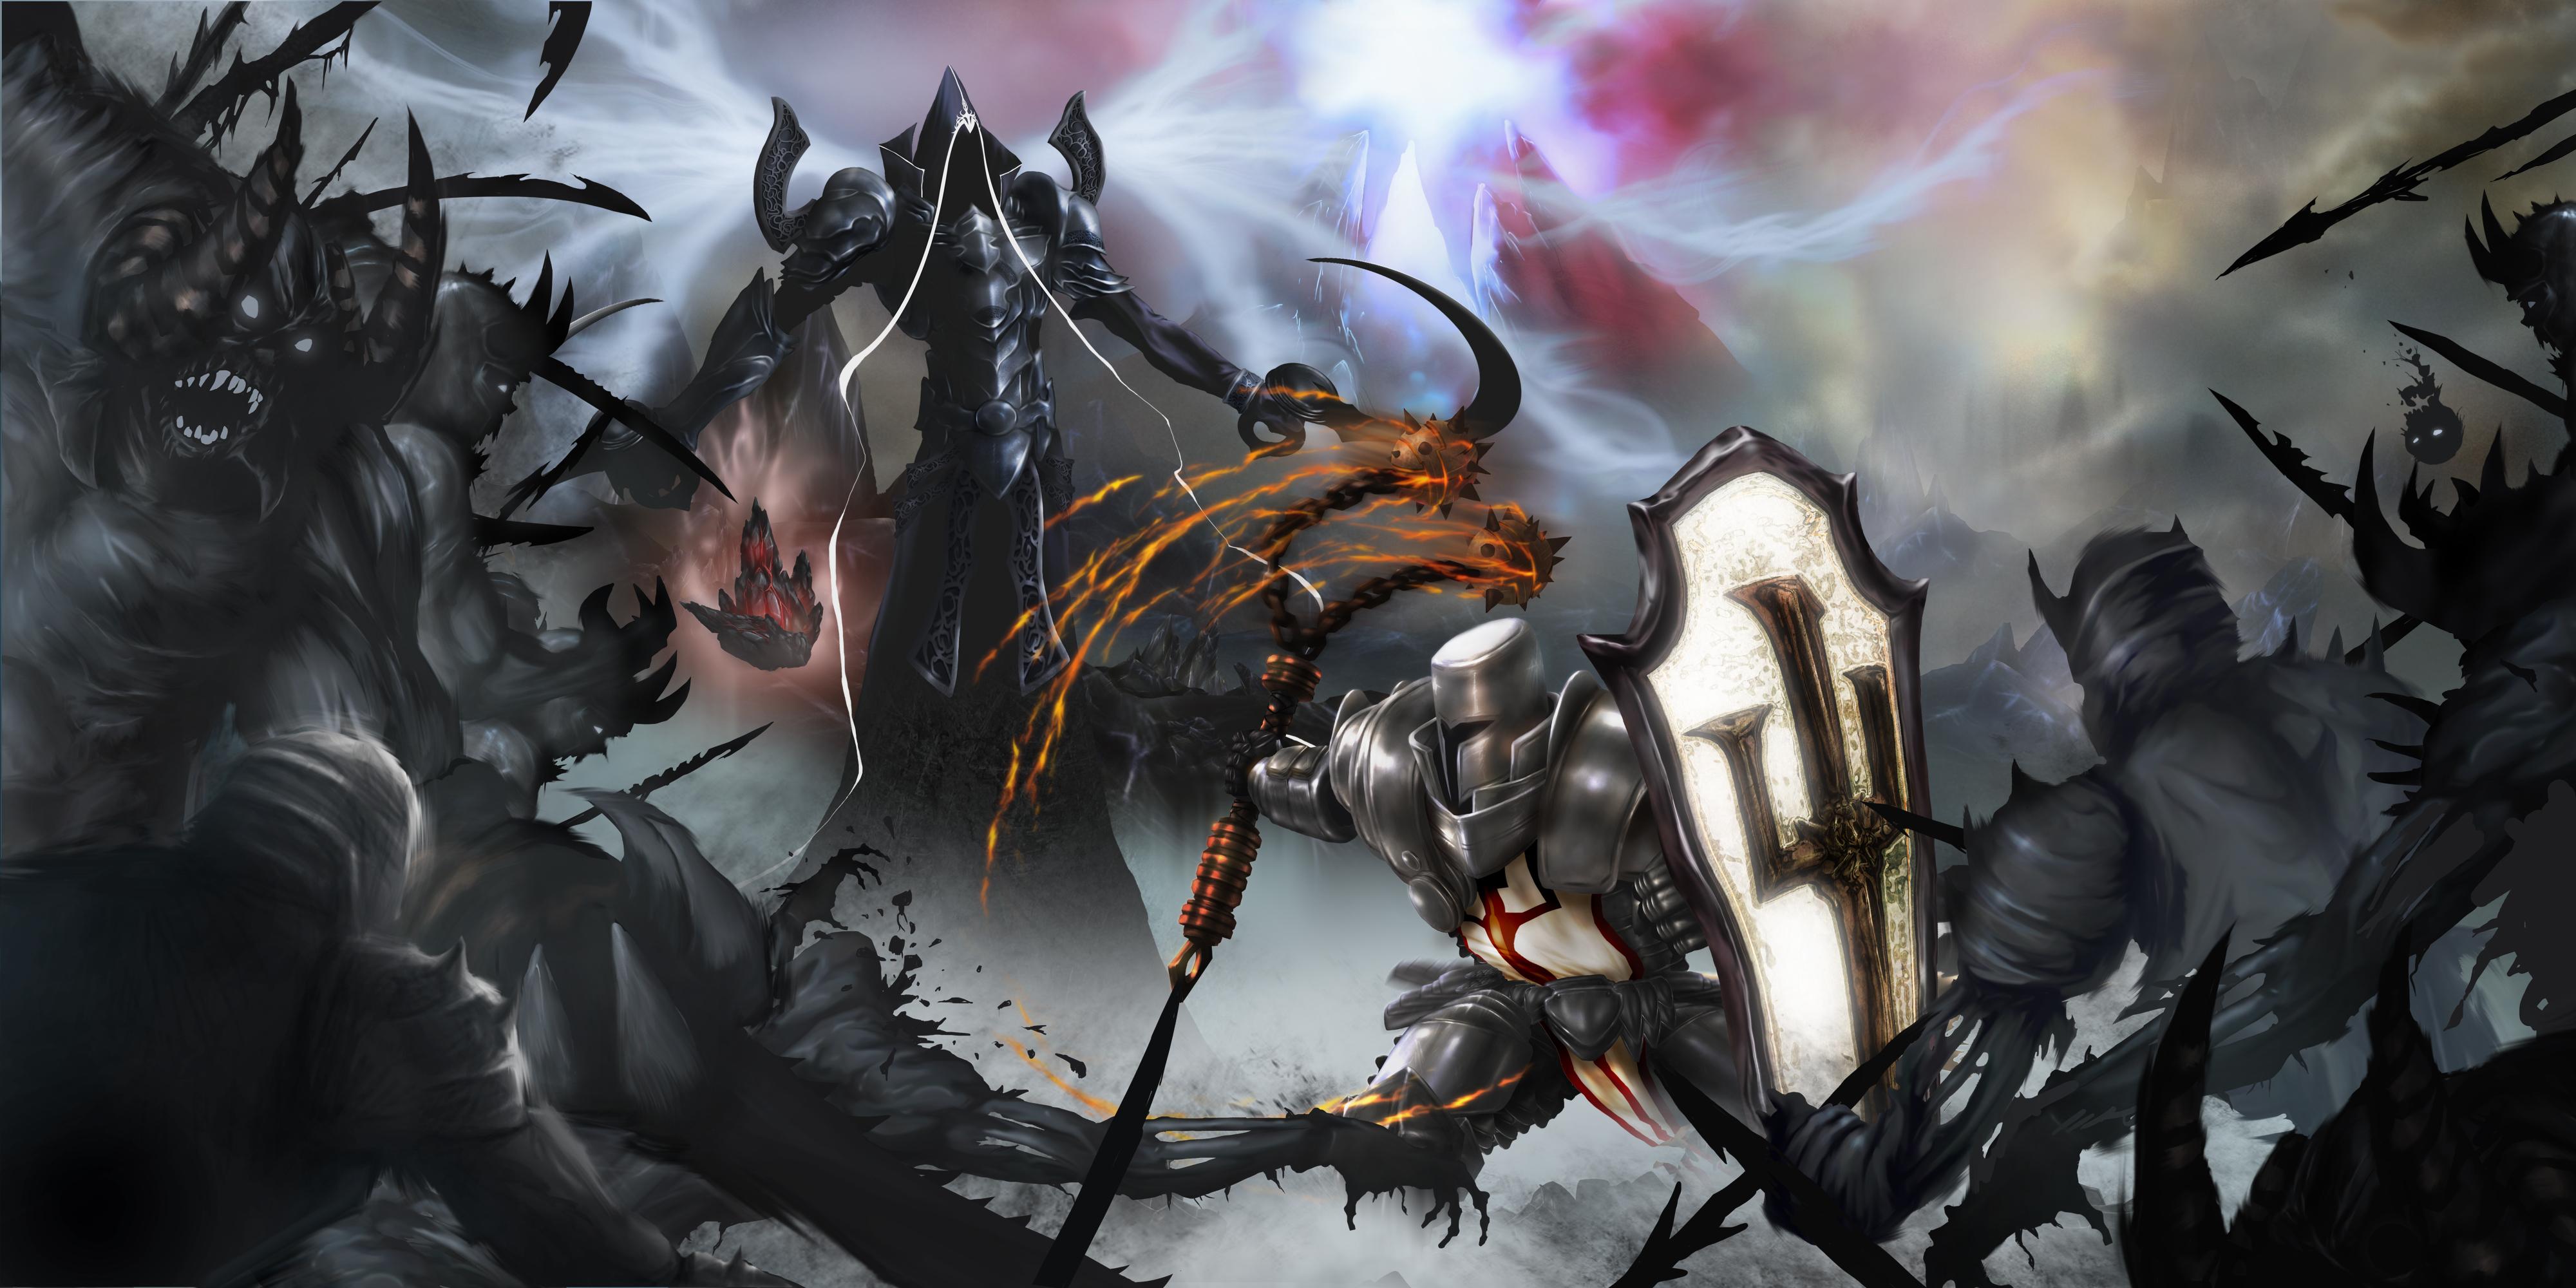 diablo iii reaper of souls hd wallpaper background